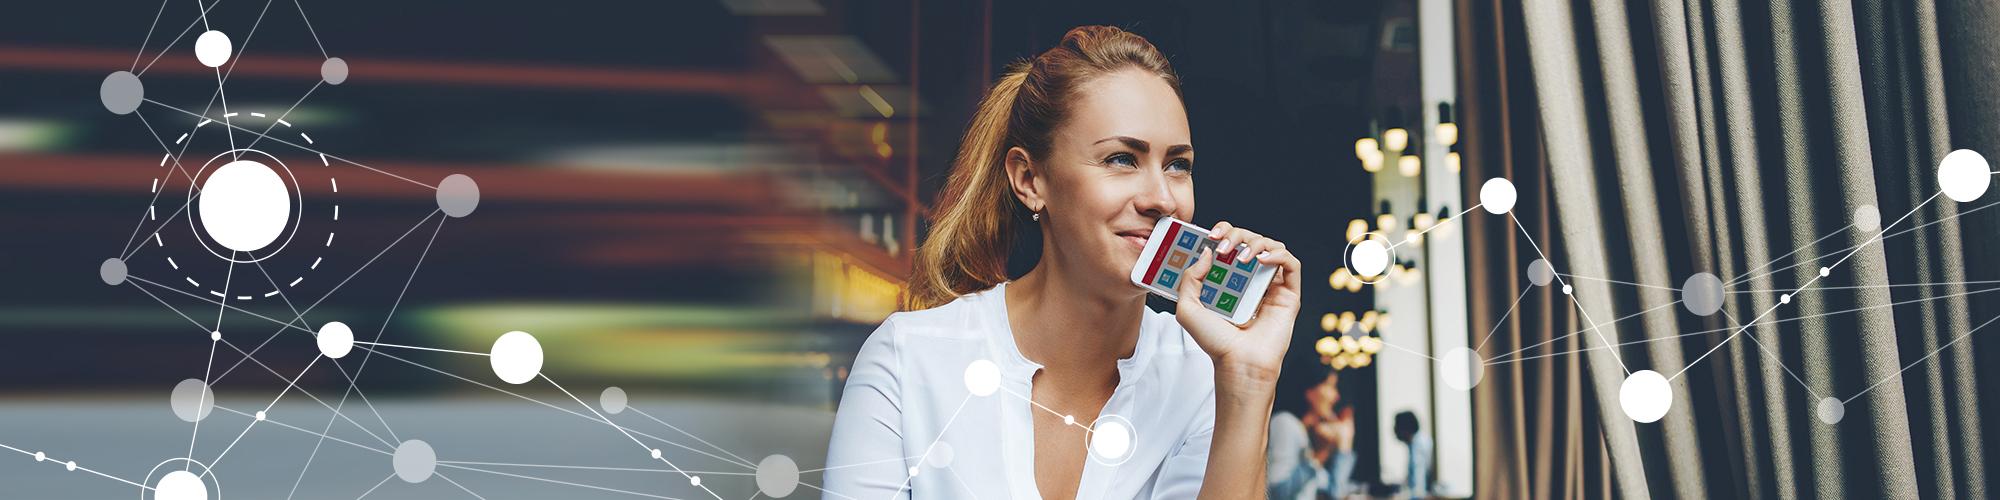 Bild einer entspannt lächelnden Frau mit Smartphone in der Hand, auf dem Display das x13 Cockpit mit Smart-Icons und im Vordergrund eine Netzgrafik